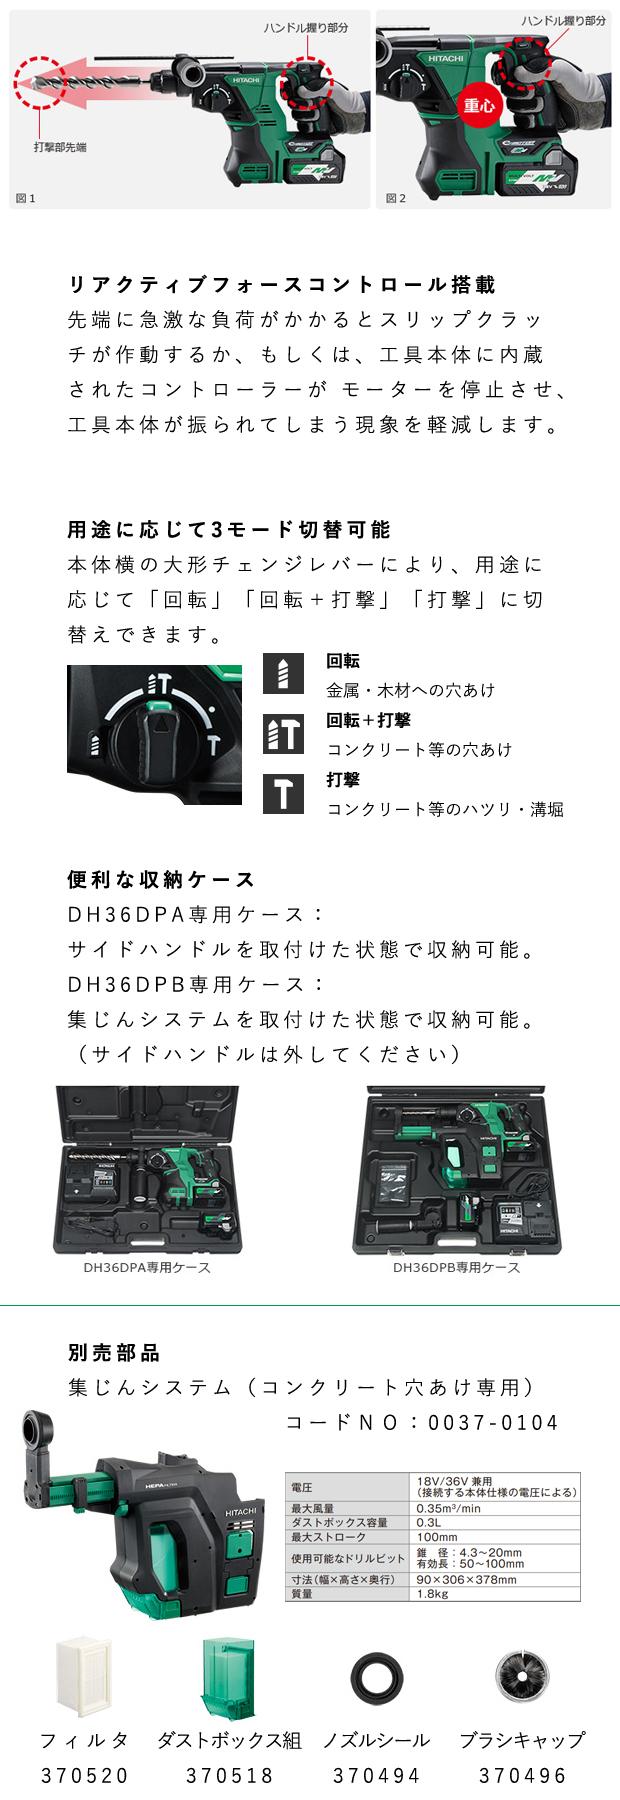 日立 マルチボルト コードレスロータリハンマドリル DH36DPA